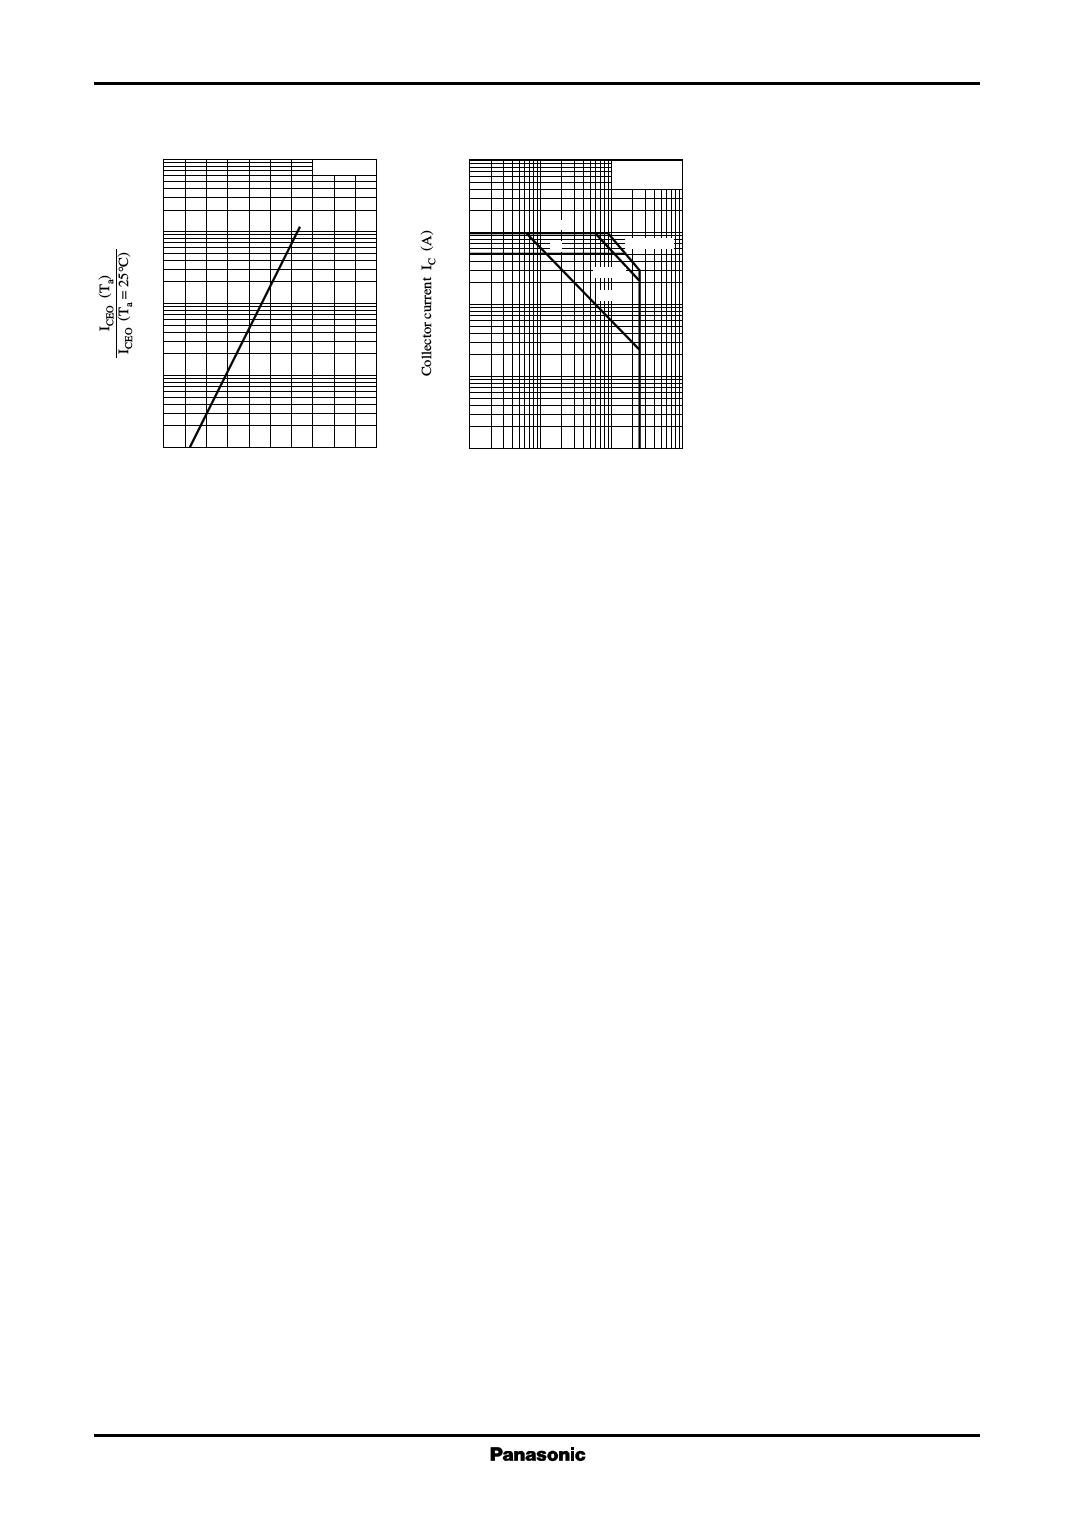 C1318 pdf, 電子部品, 半導体, ピン配列